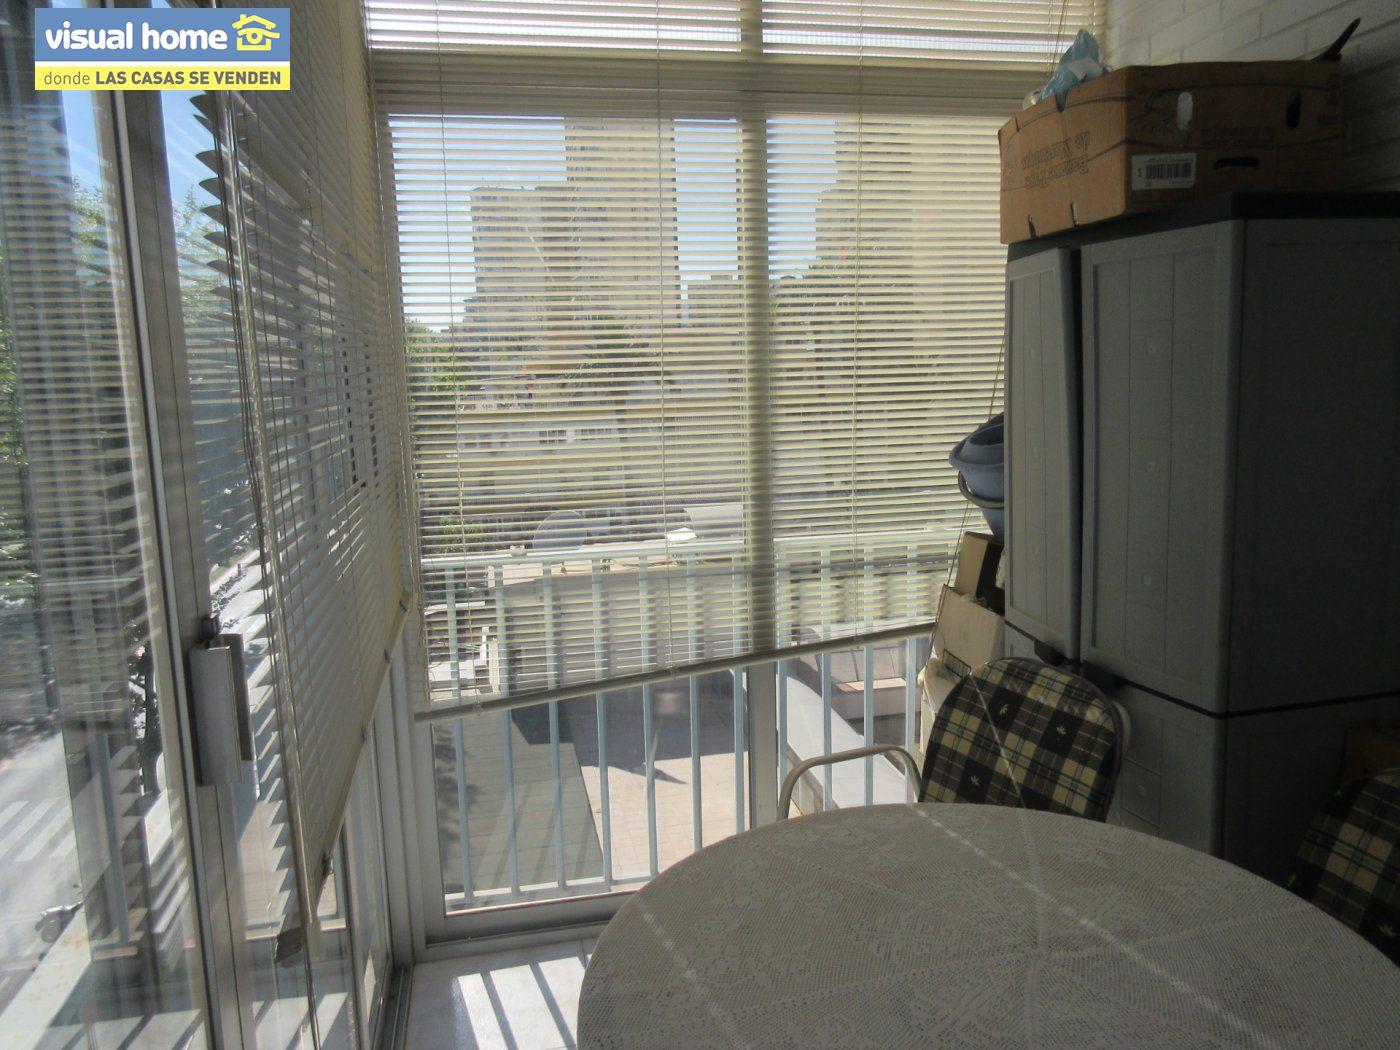 Apartamento todo exterior en Av/ Mediterráneo con garaje y piscina a 50 mts de la playa 27